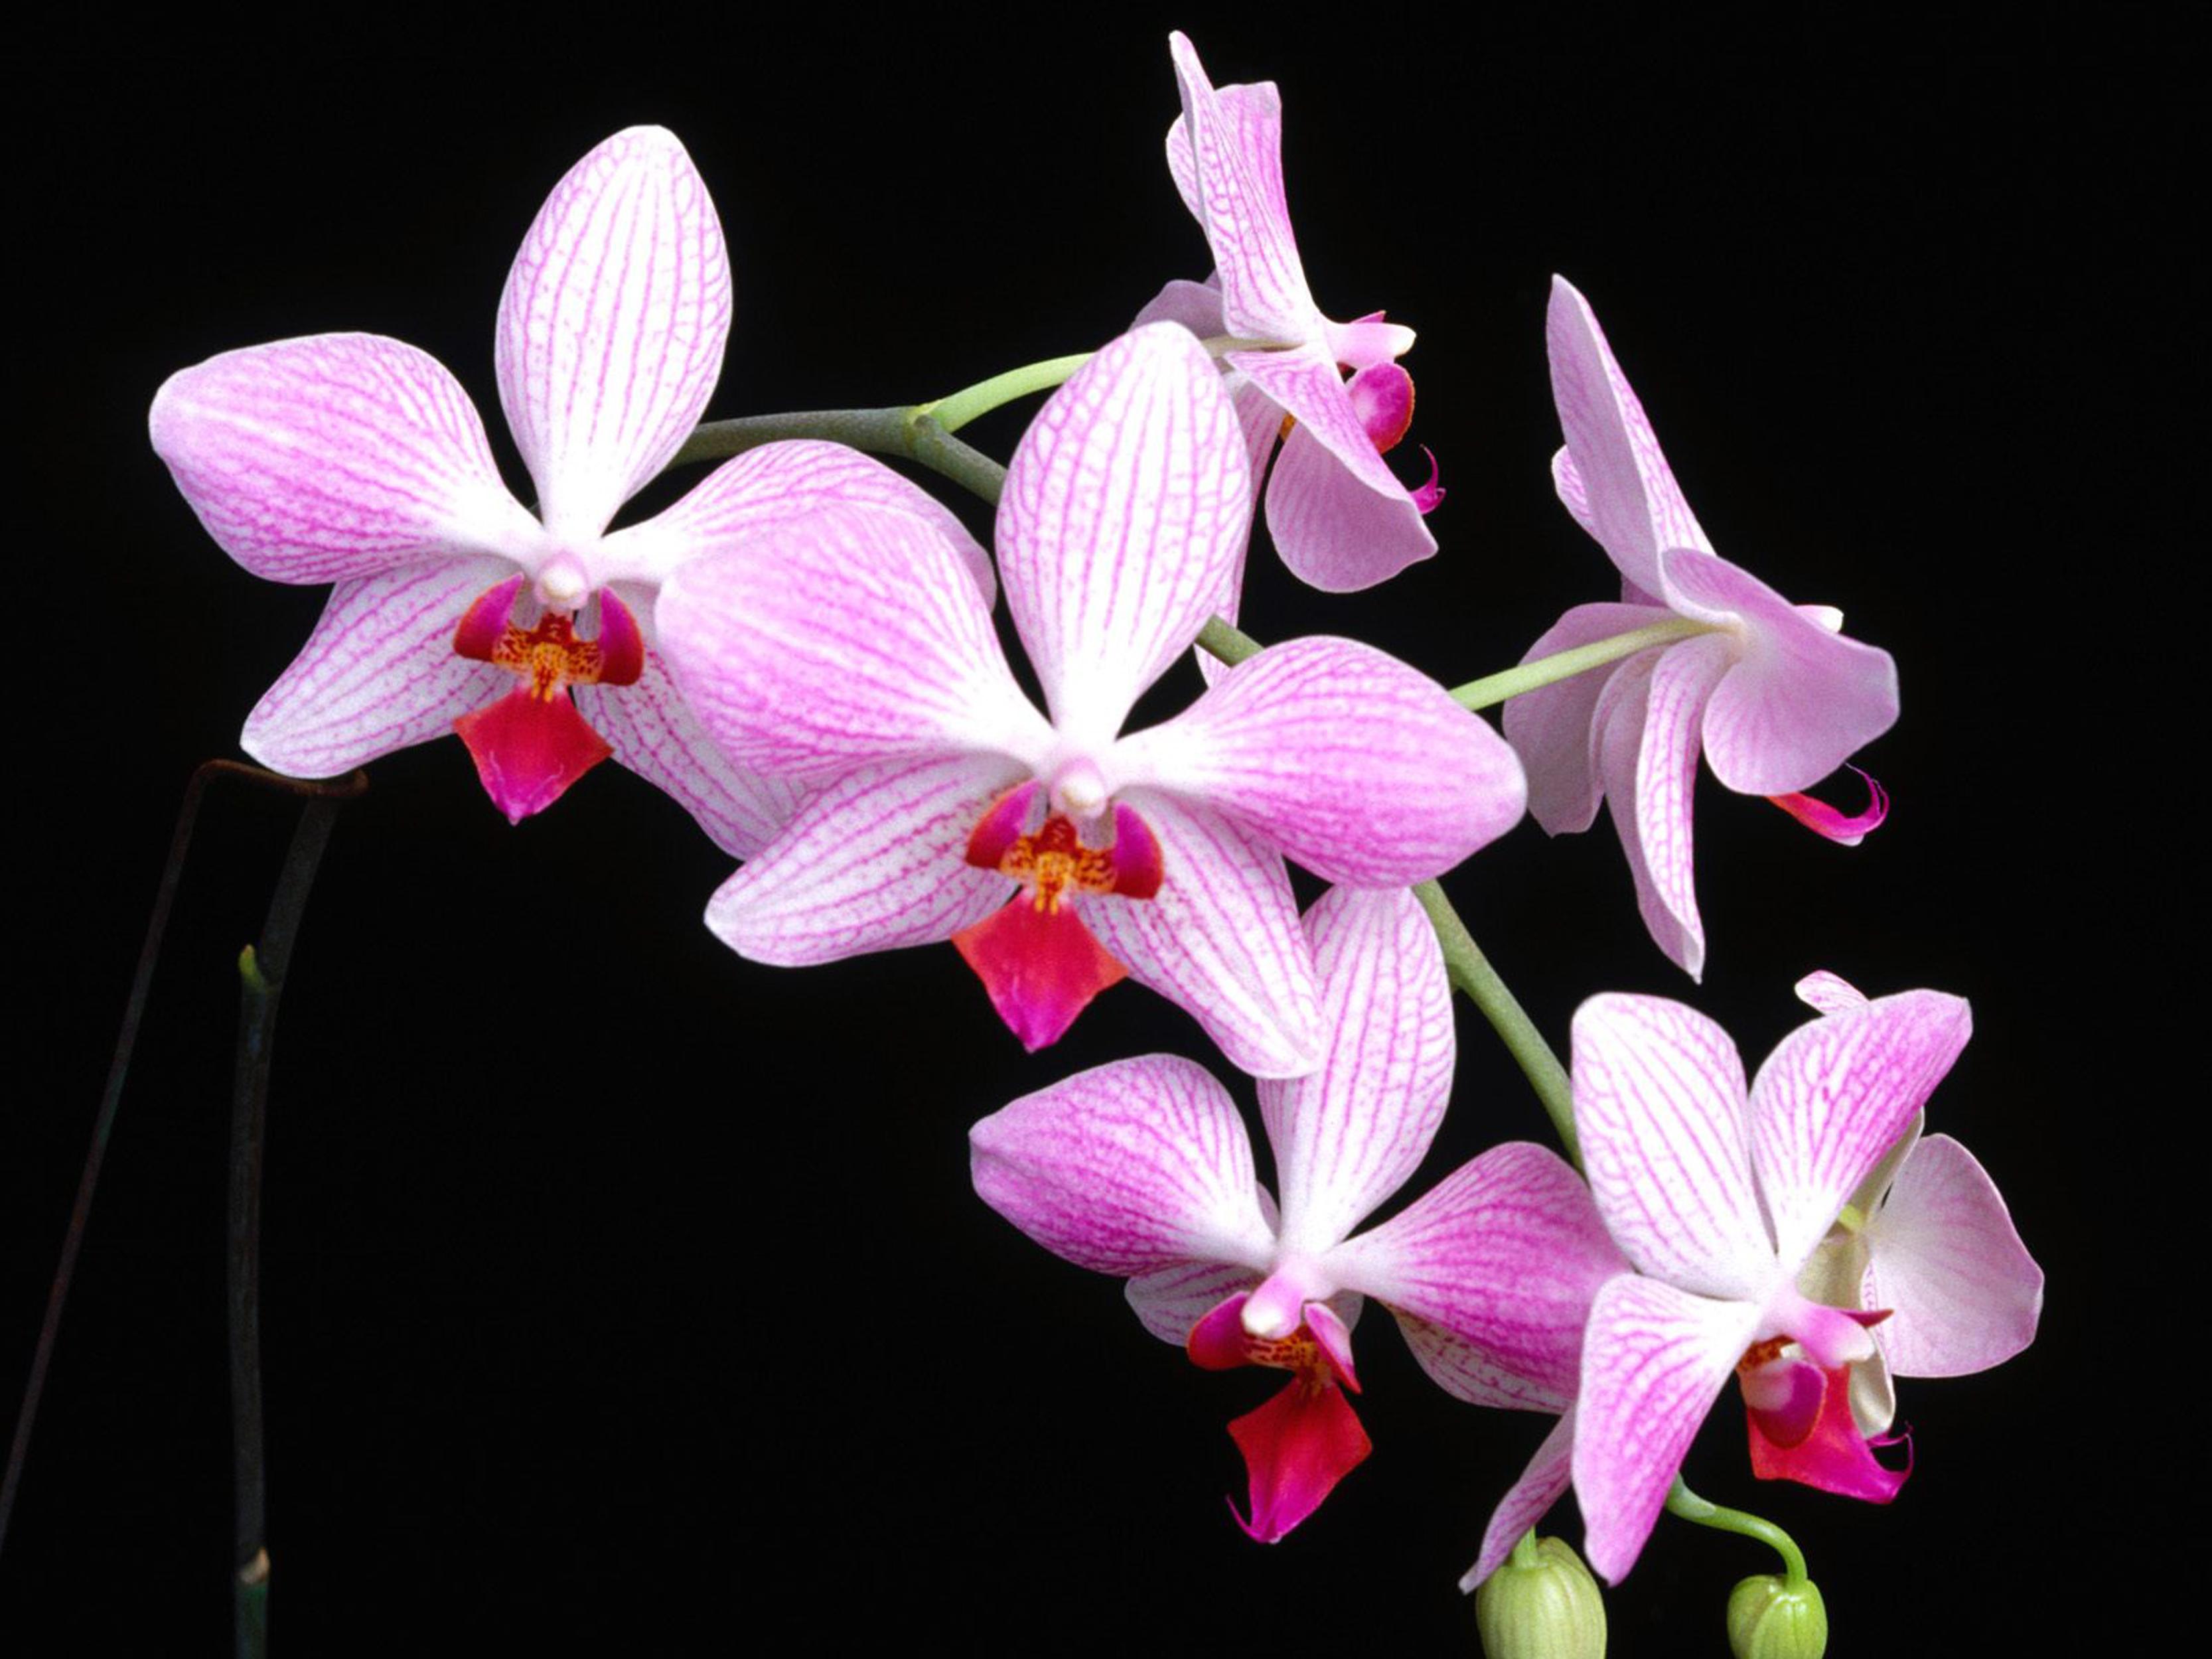 Ảnh hoa đẹp - Hoa đẹp khoe sắc giữa thiên nhiên